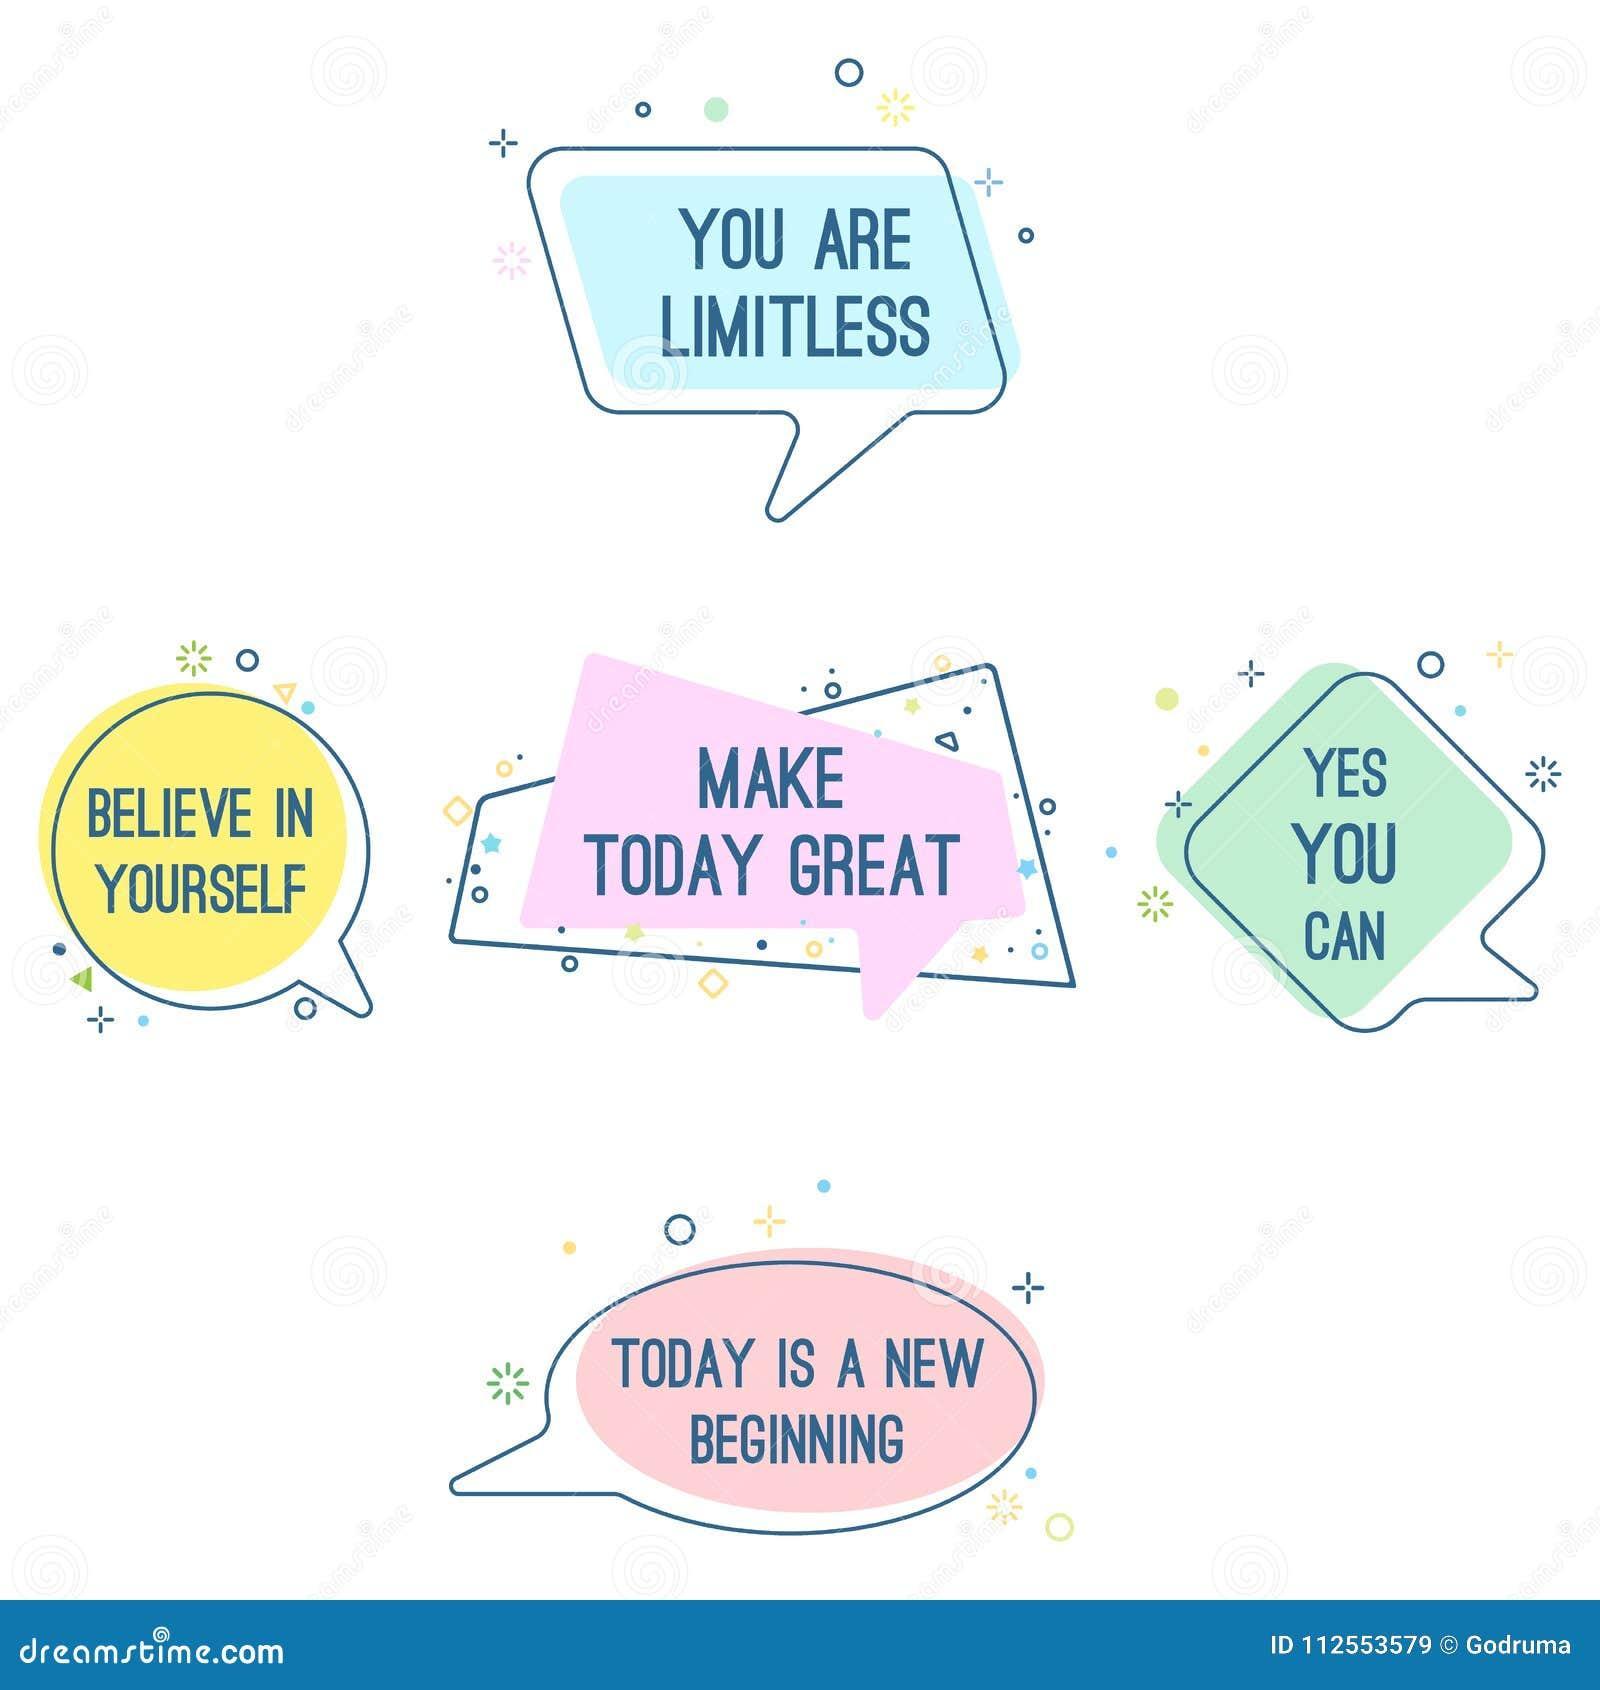 套座右铭说法相信你自己,您是不可限量的